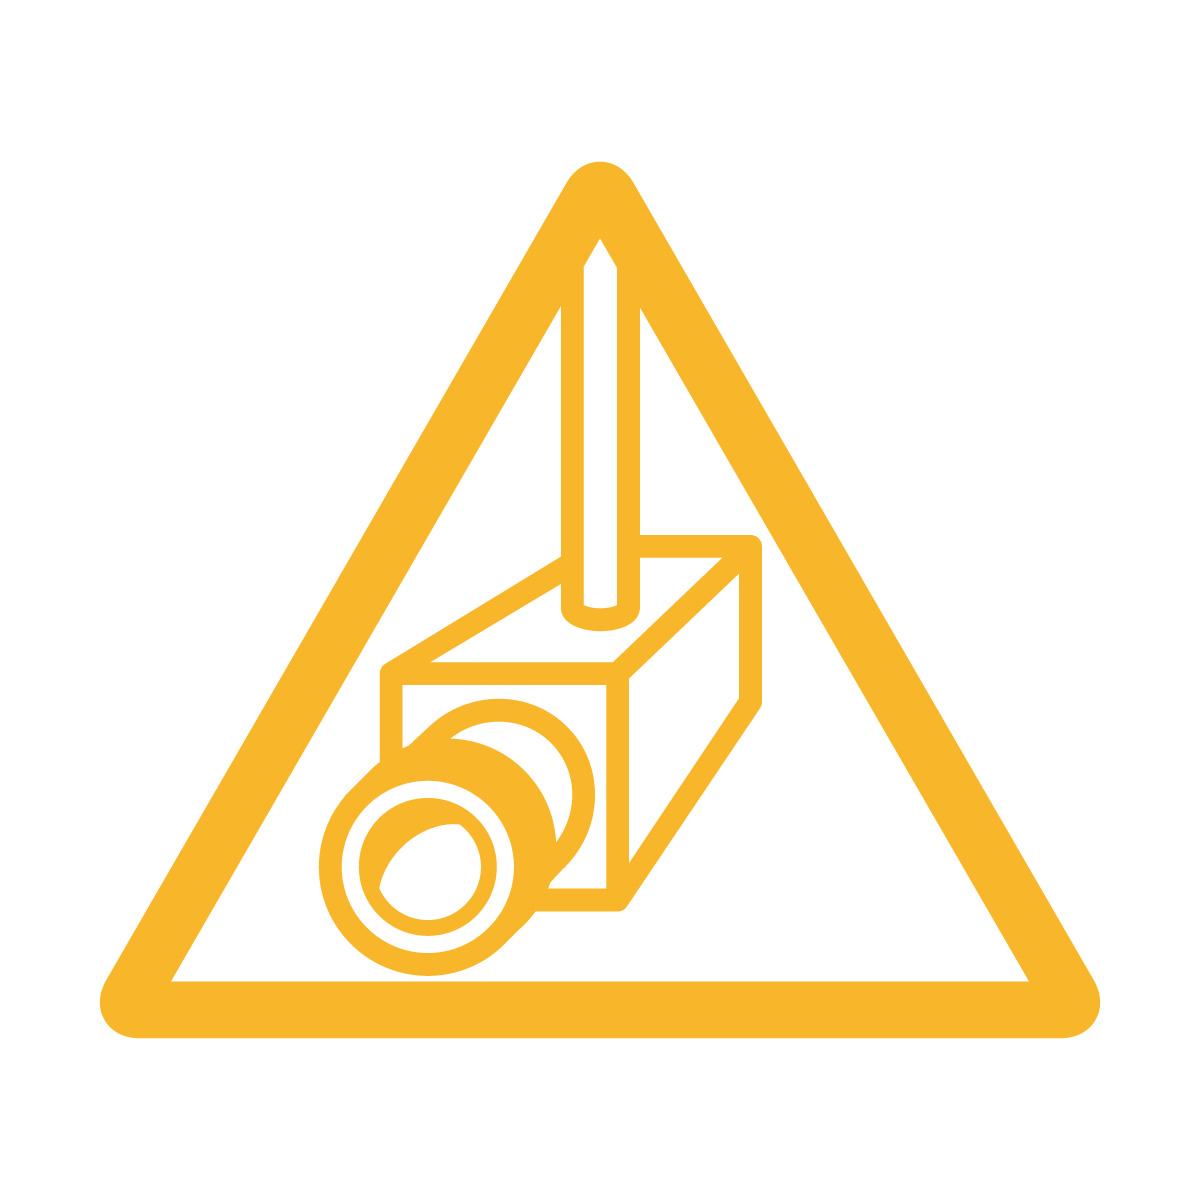 黄色い防犯カメラ・盗難抑止の注意マーク